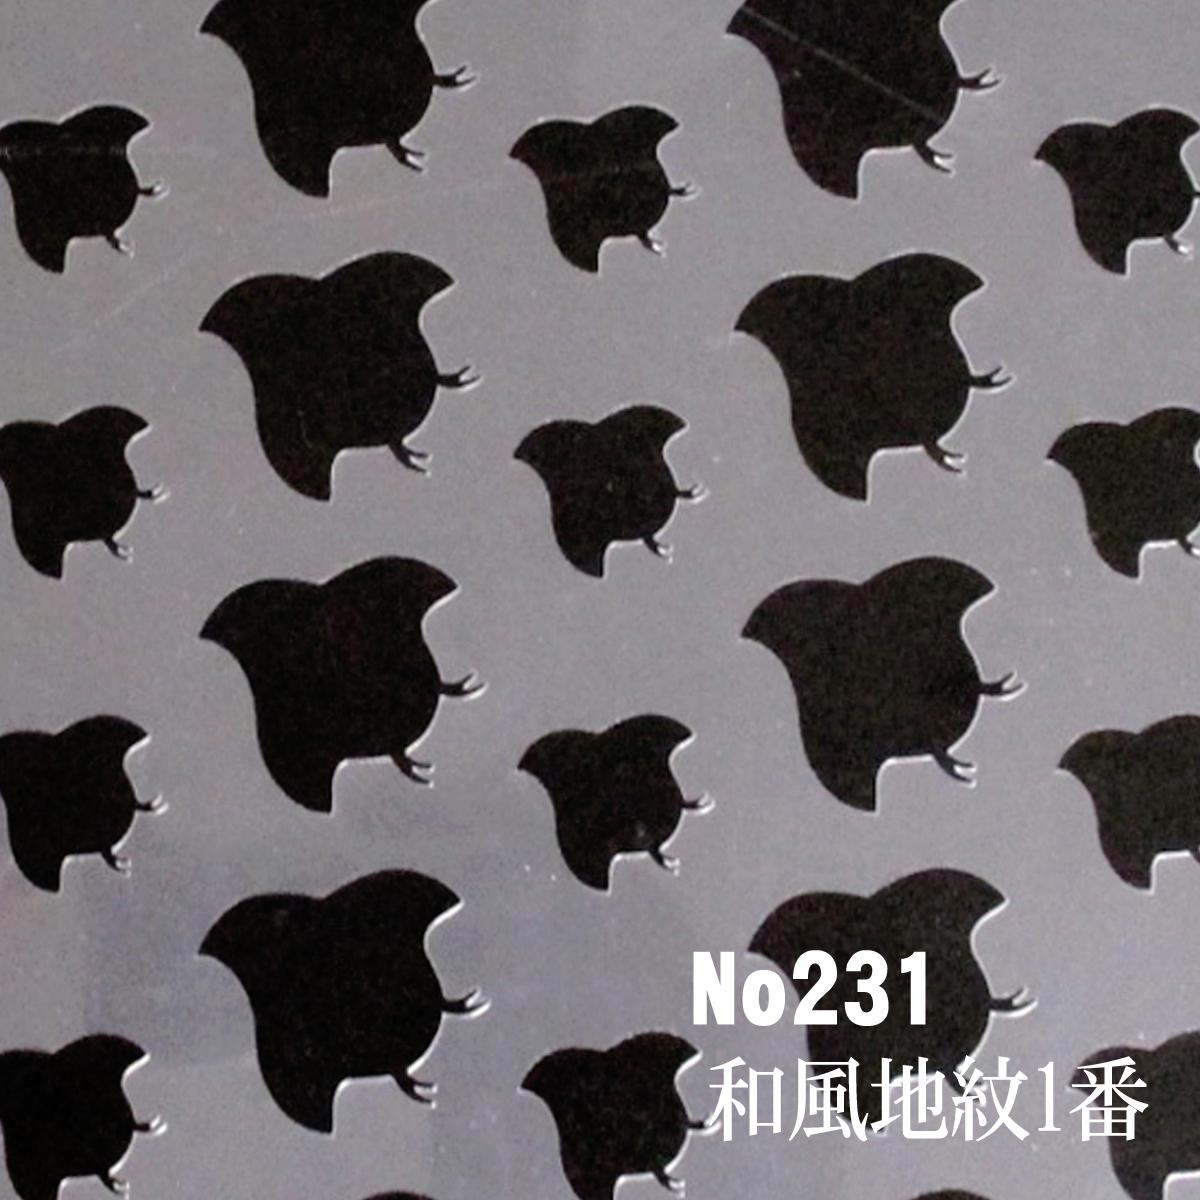 千鳥柄 和風地紋①番 ステンシルシート 型紙図案 NO231